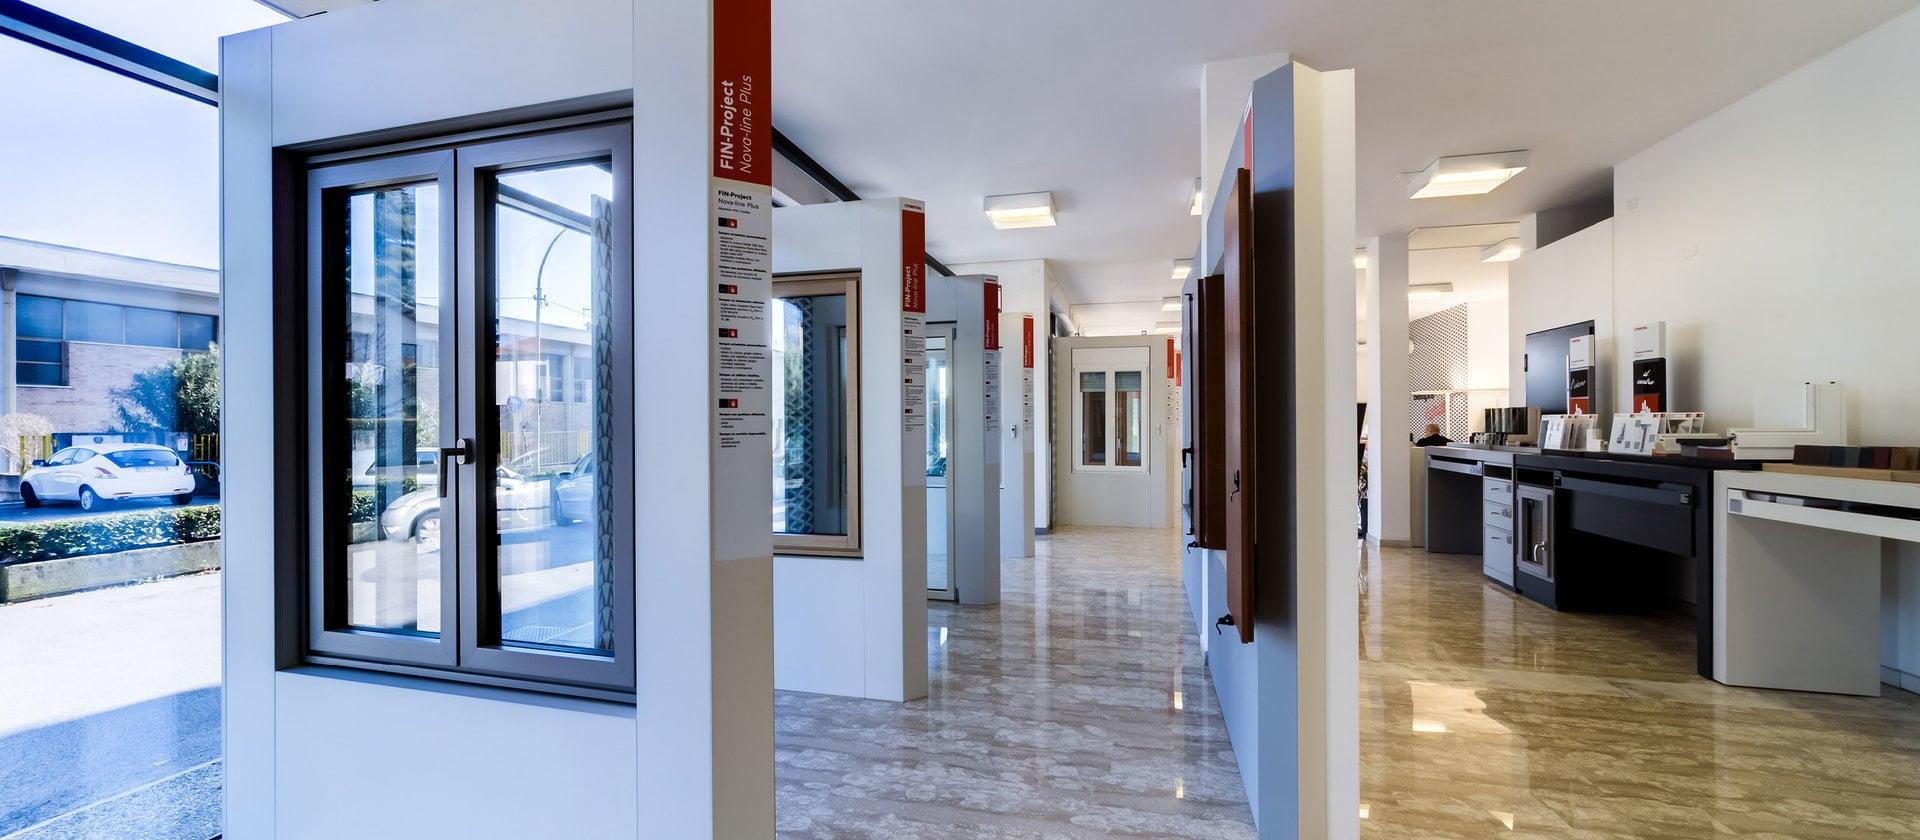 Studio Finstral Bassano del Grappa